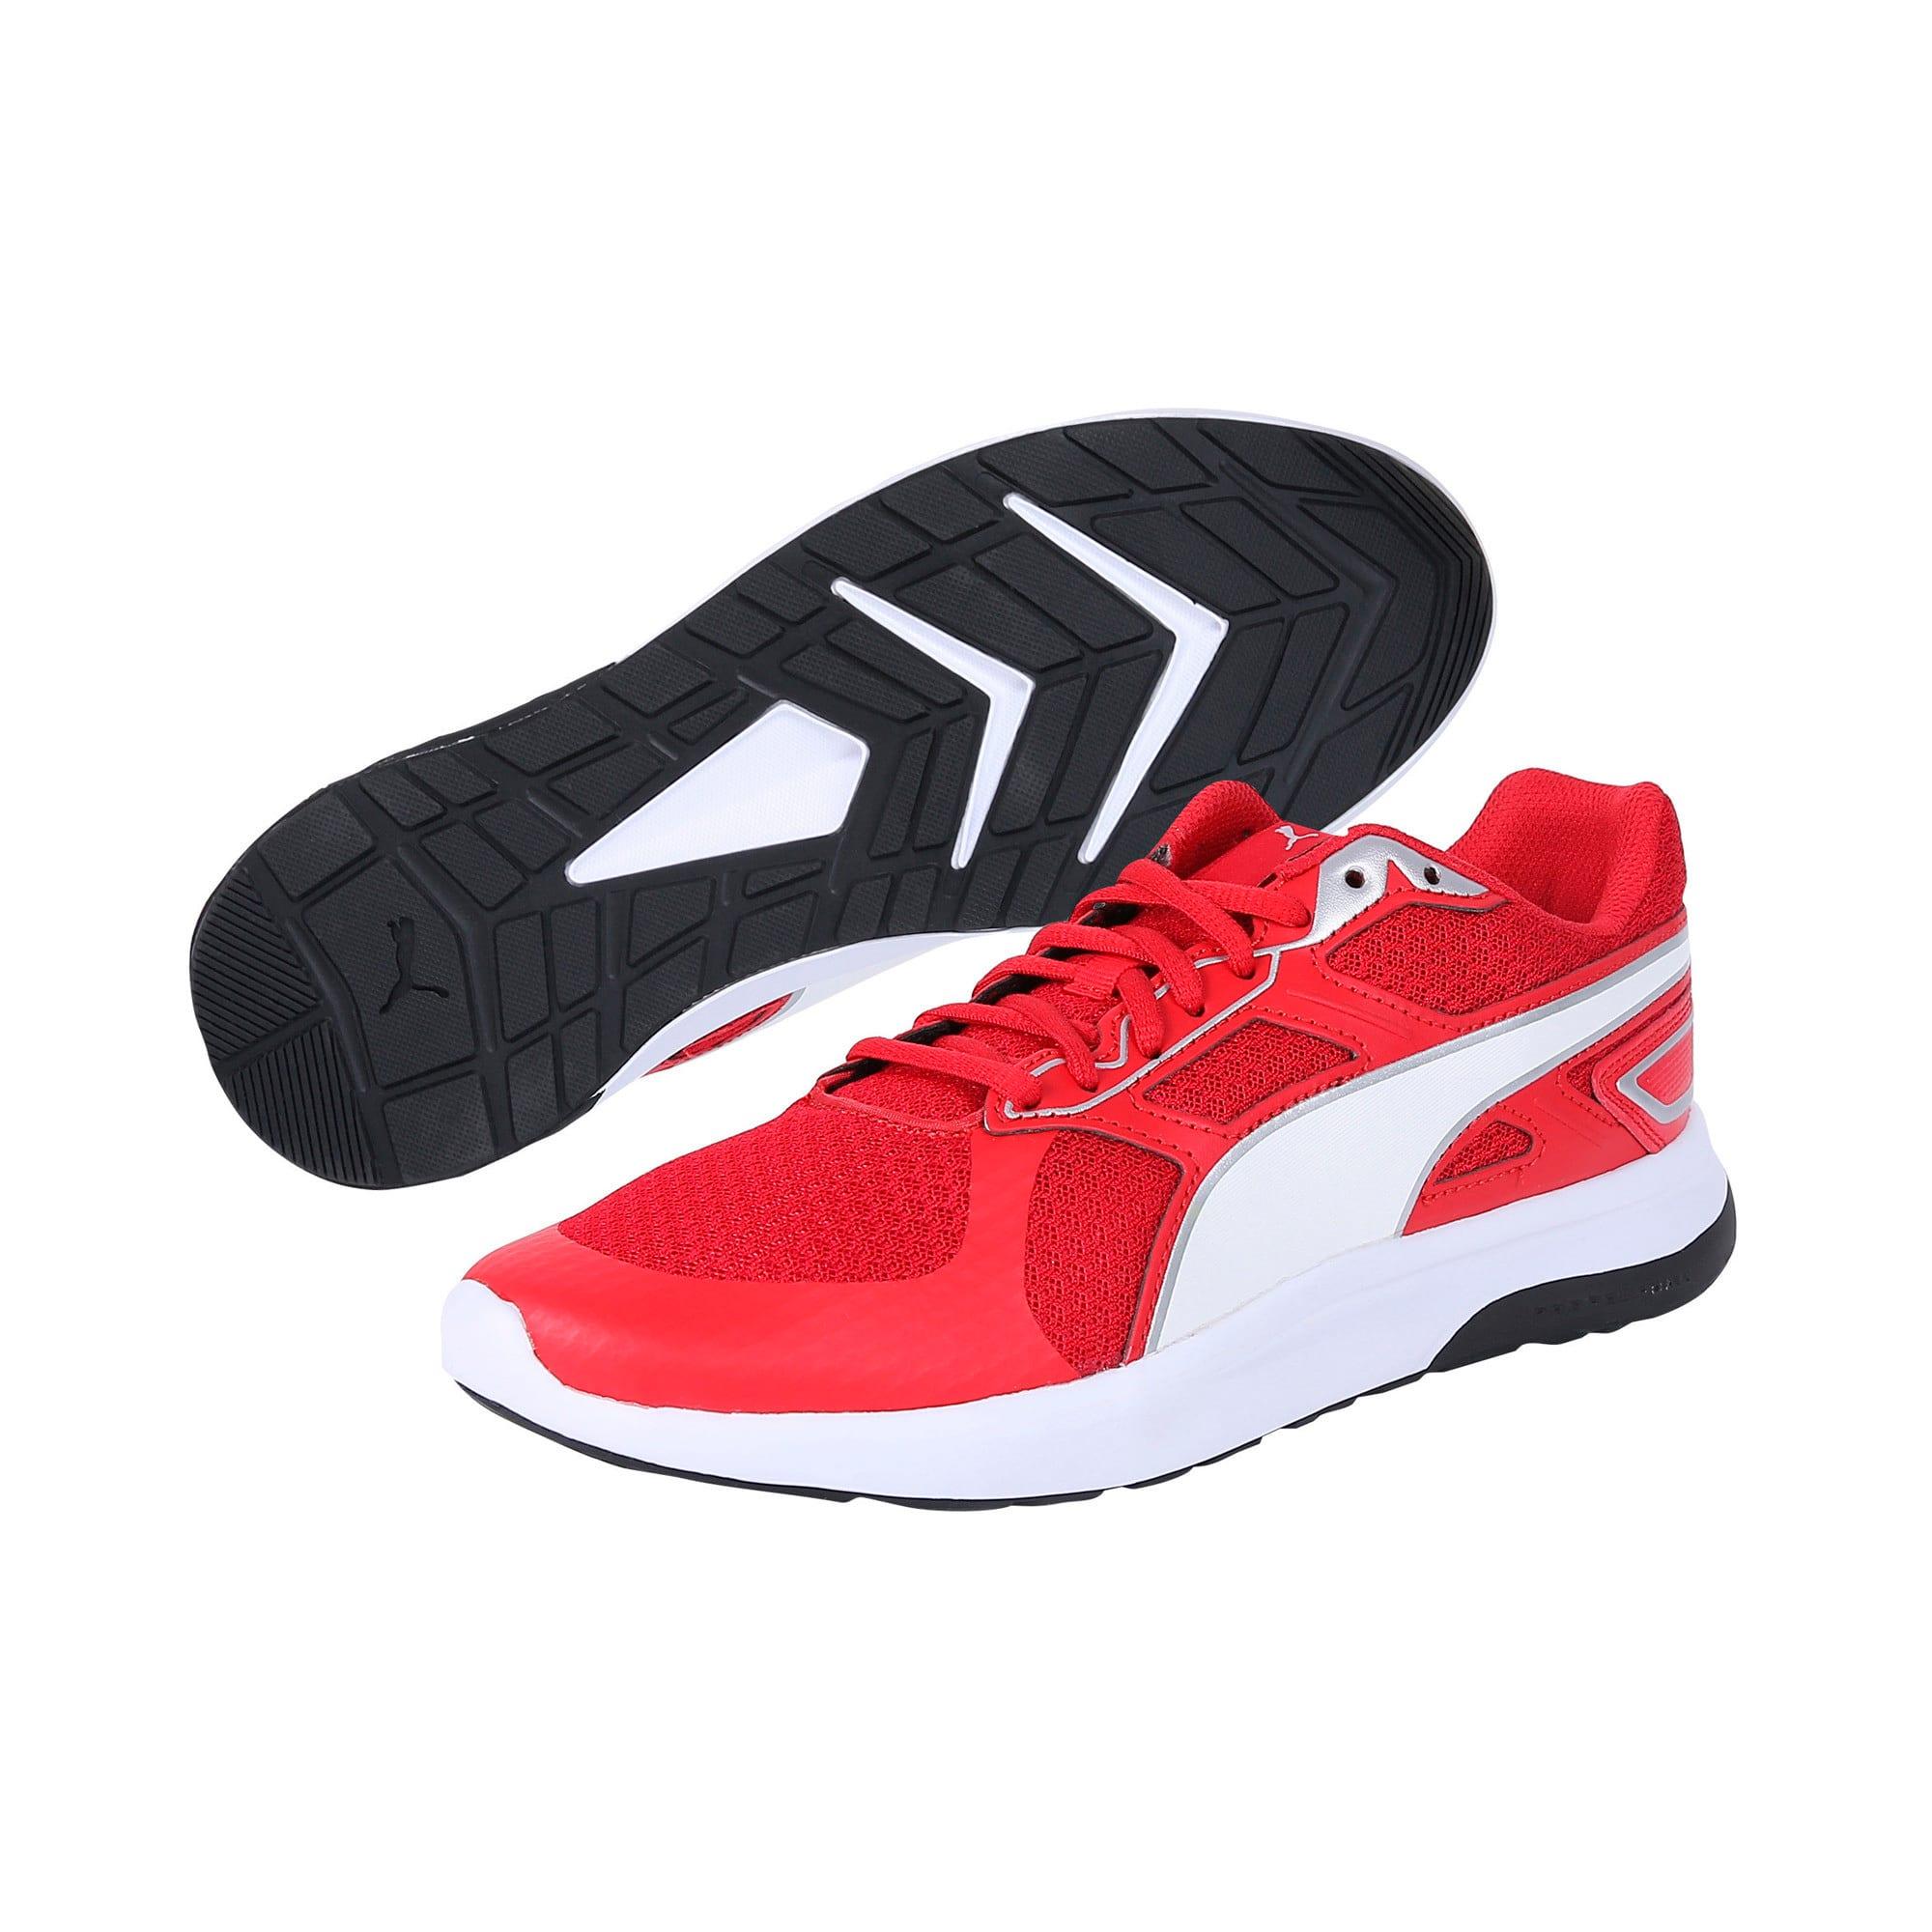 Thumbnail 2 of Escaper Tech Sneakers, Ribbon Red-Puma Wh-Puma Blk, medium-IND